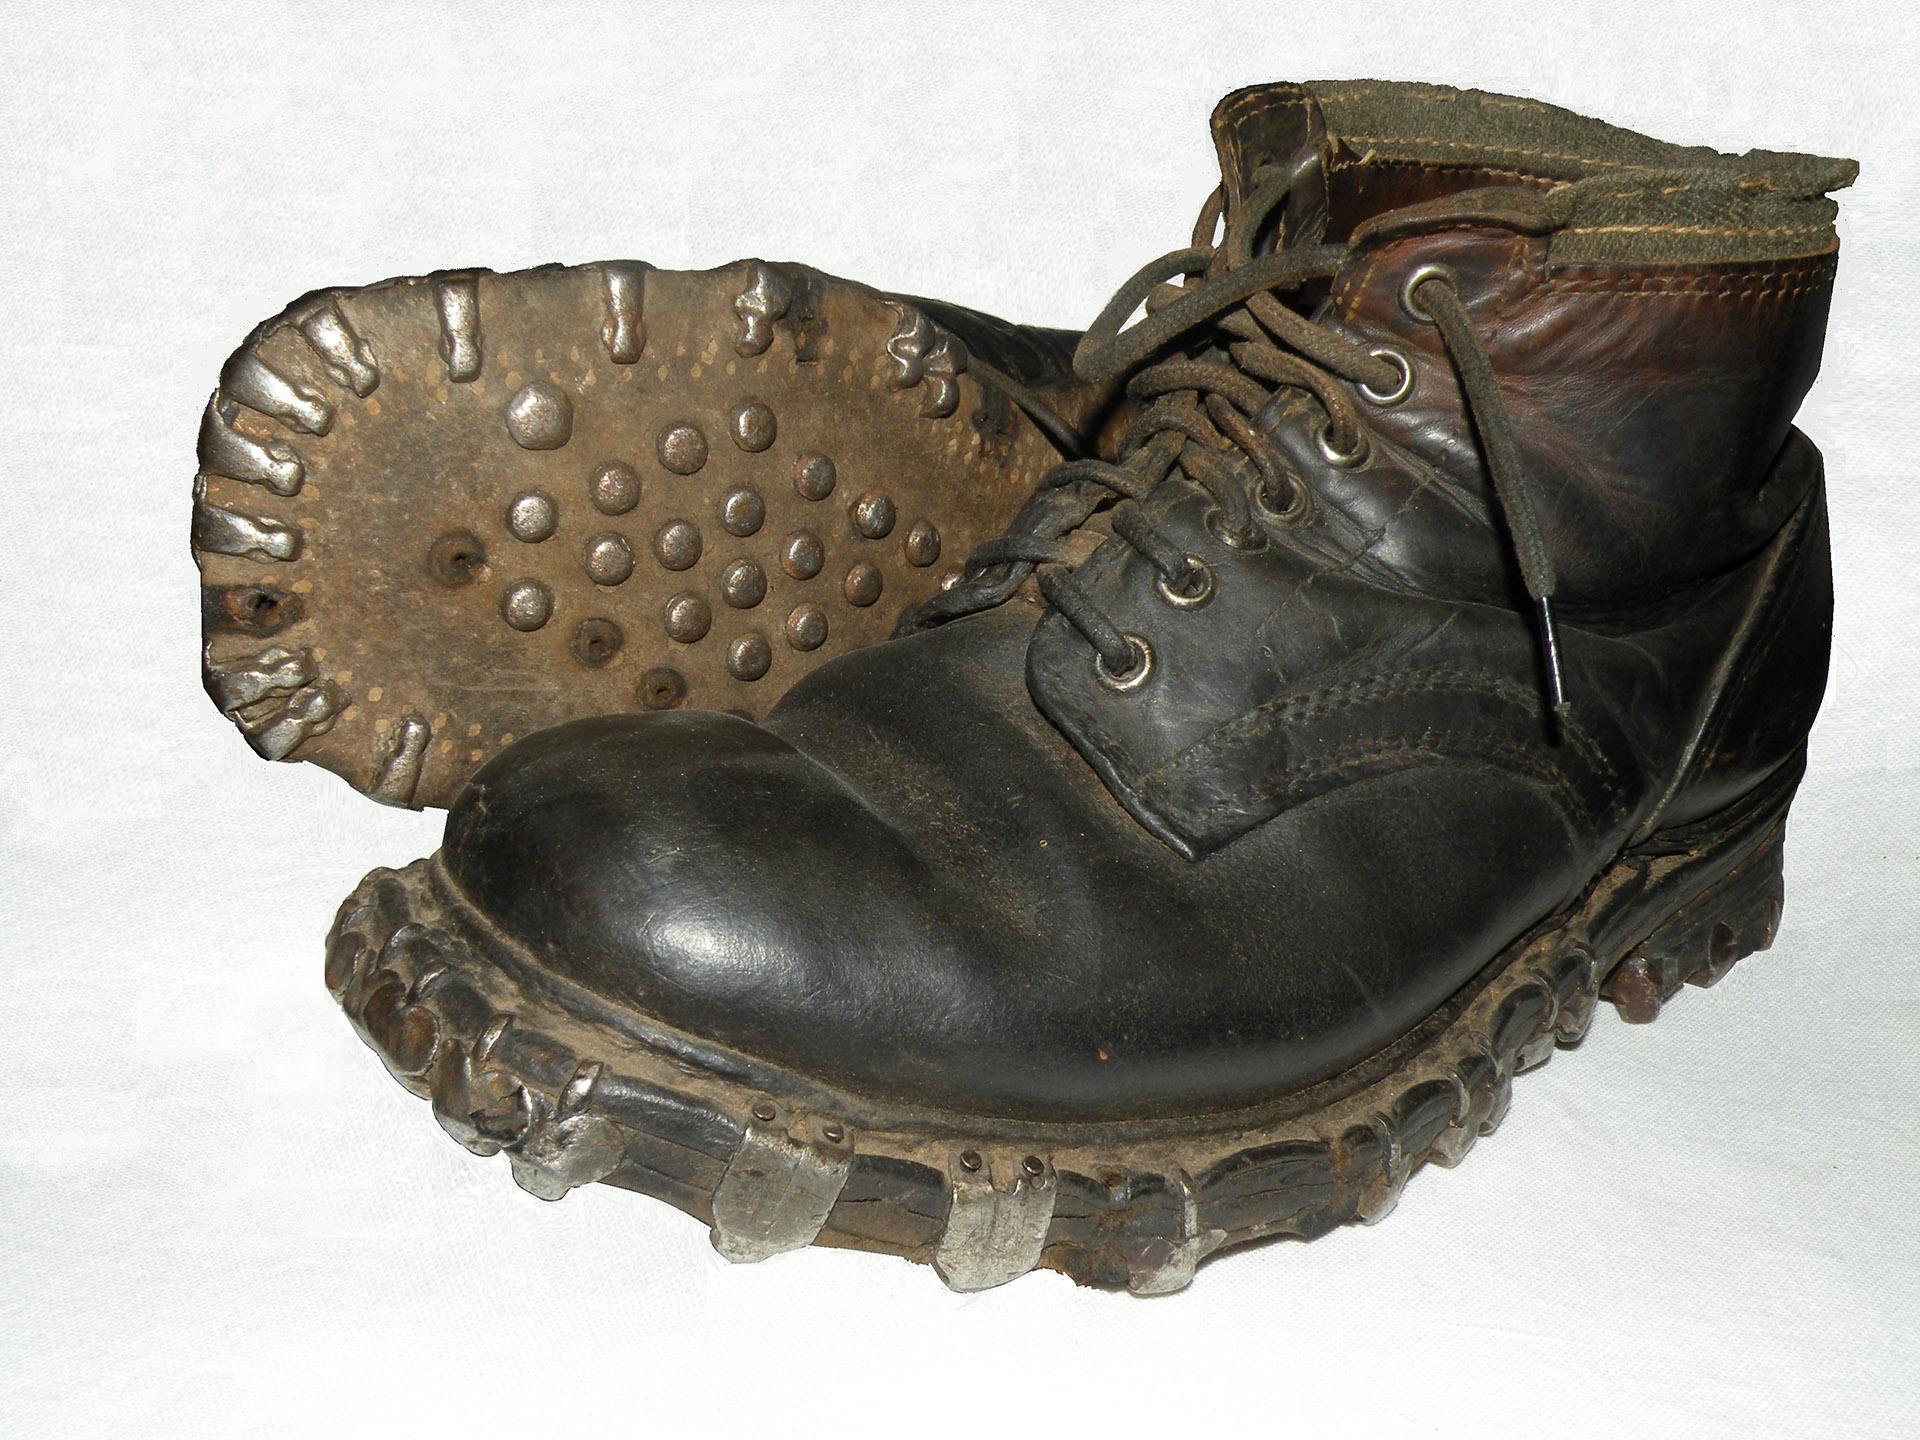 """Tyskerne hadde noen forferdelige sko med jernknaster. Når man marsjerte gav disse støvlene en veldig larm. Verst var Gebirgsjägerne - de tyske alpejegerne.  Etter krigen måtte det legges nye gulv i hus som de hadde oppholdt seg i.  Skoene hadde bokstavelig """"spist"""" opp gulvplankene."""